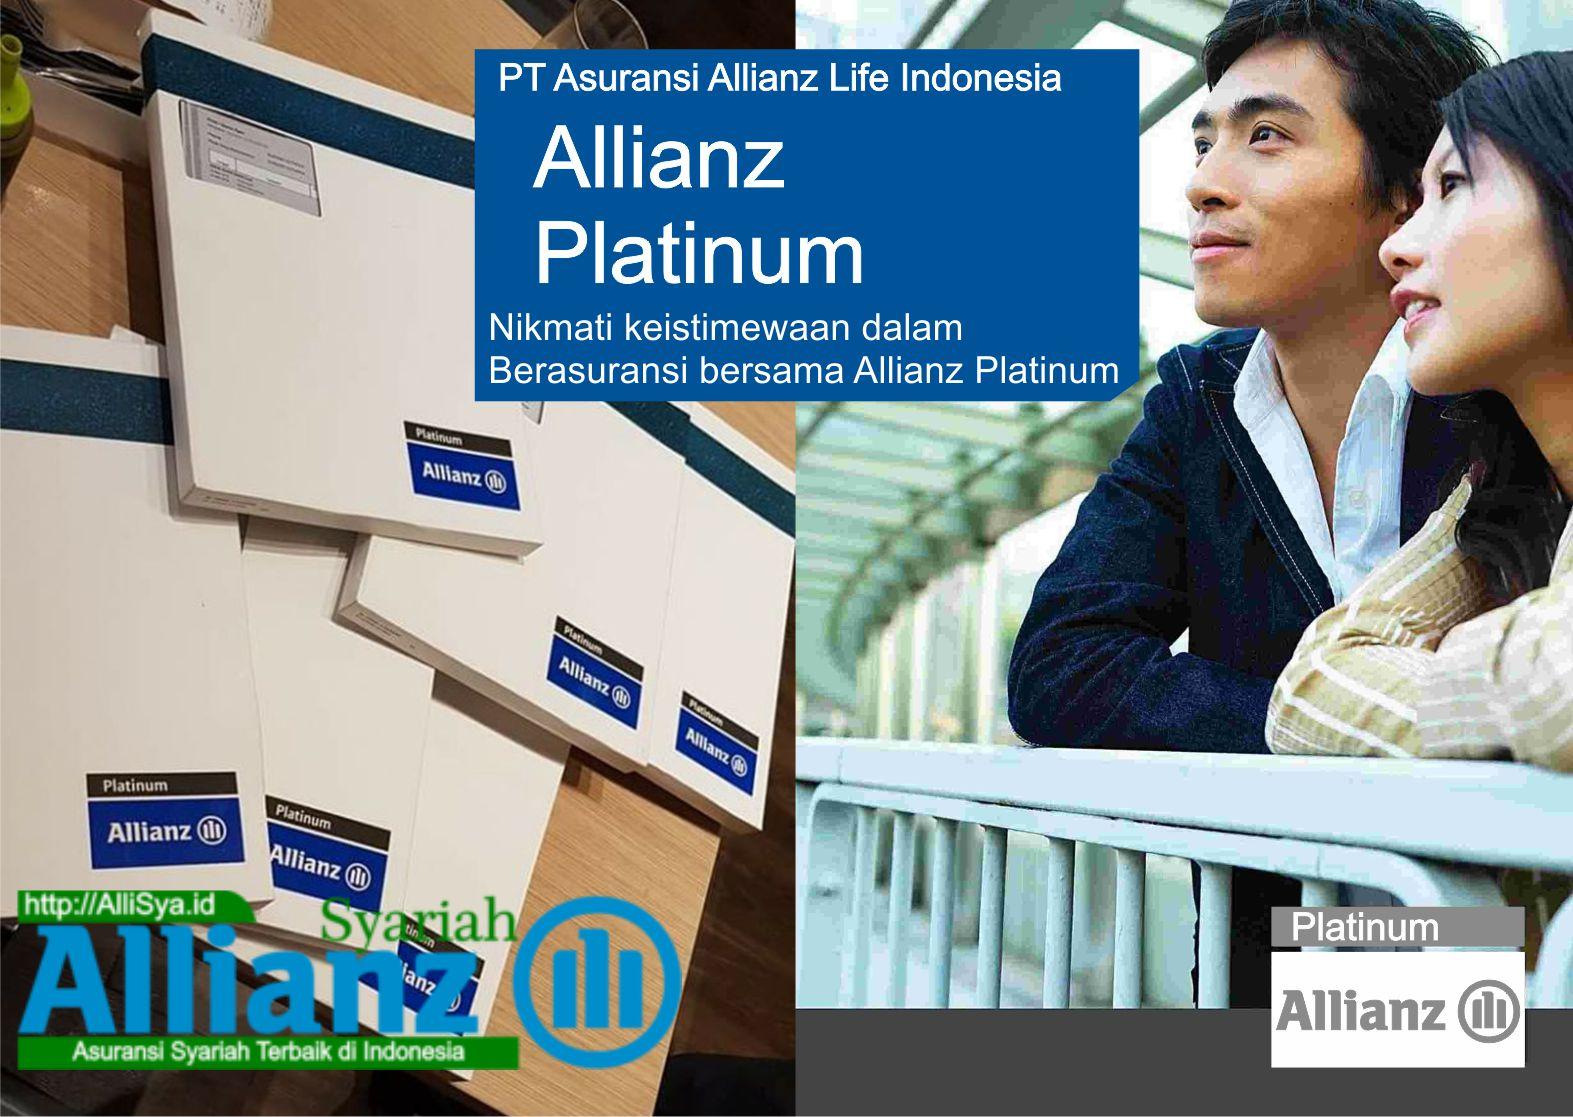 Allianz Platinum, Definisi dan Keuntungannya